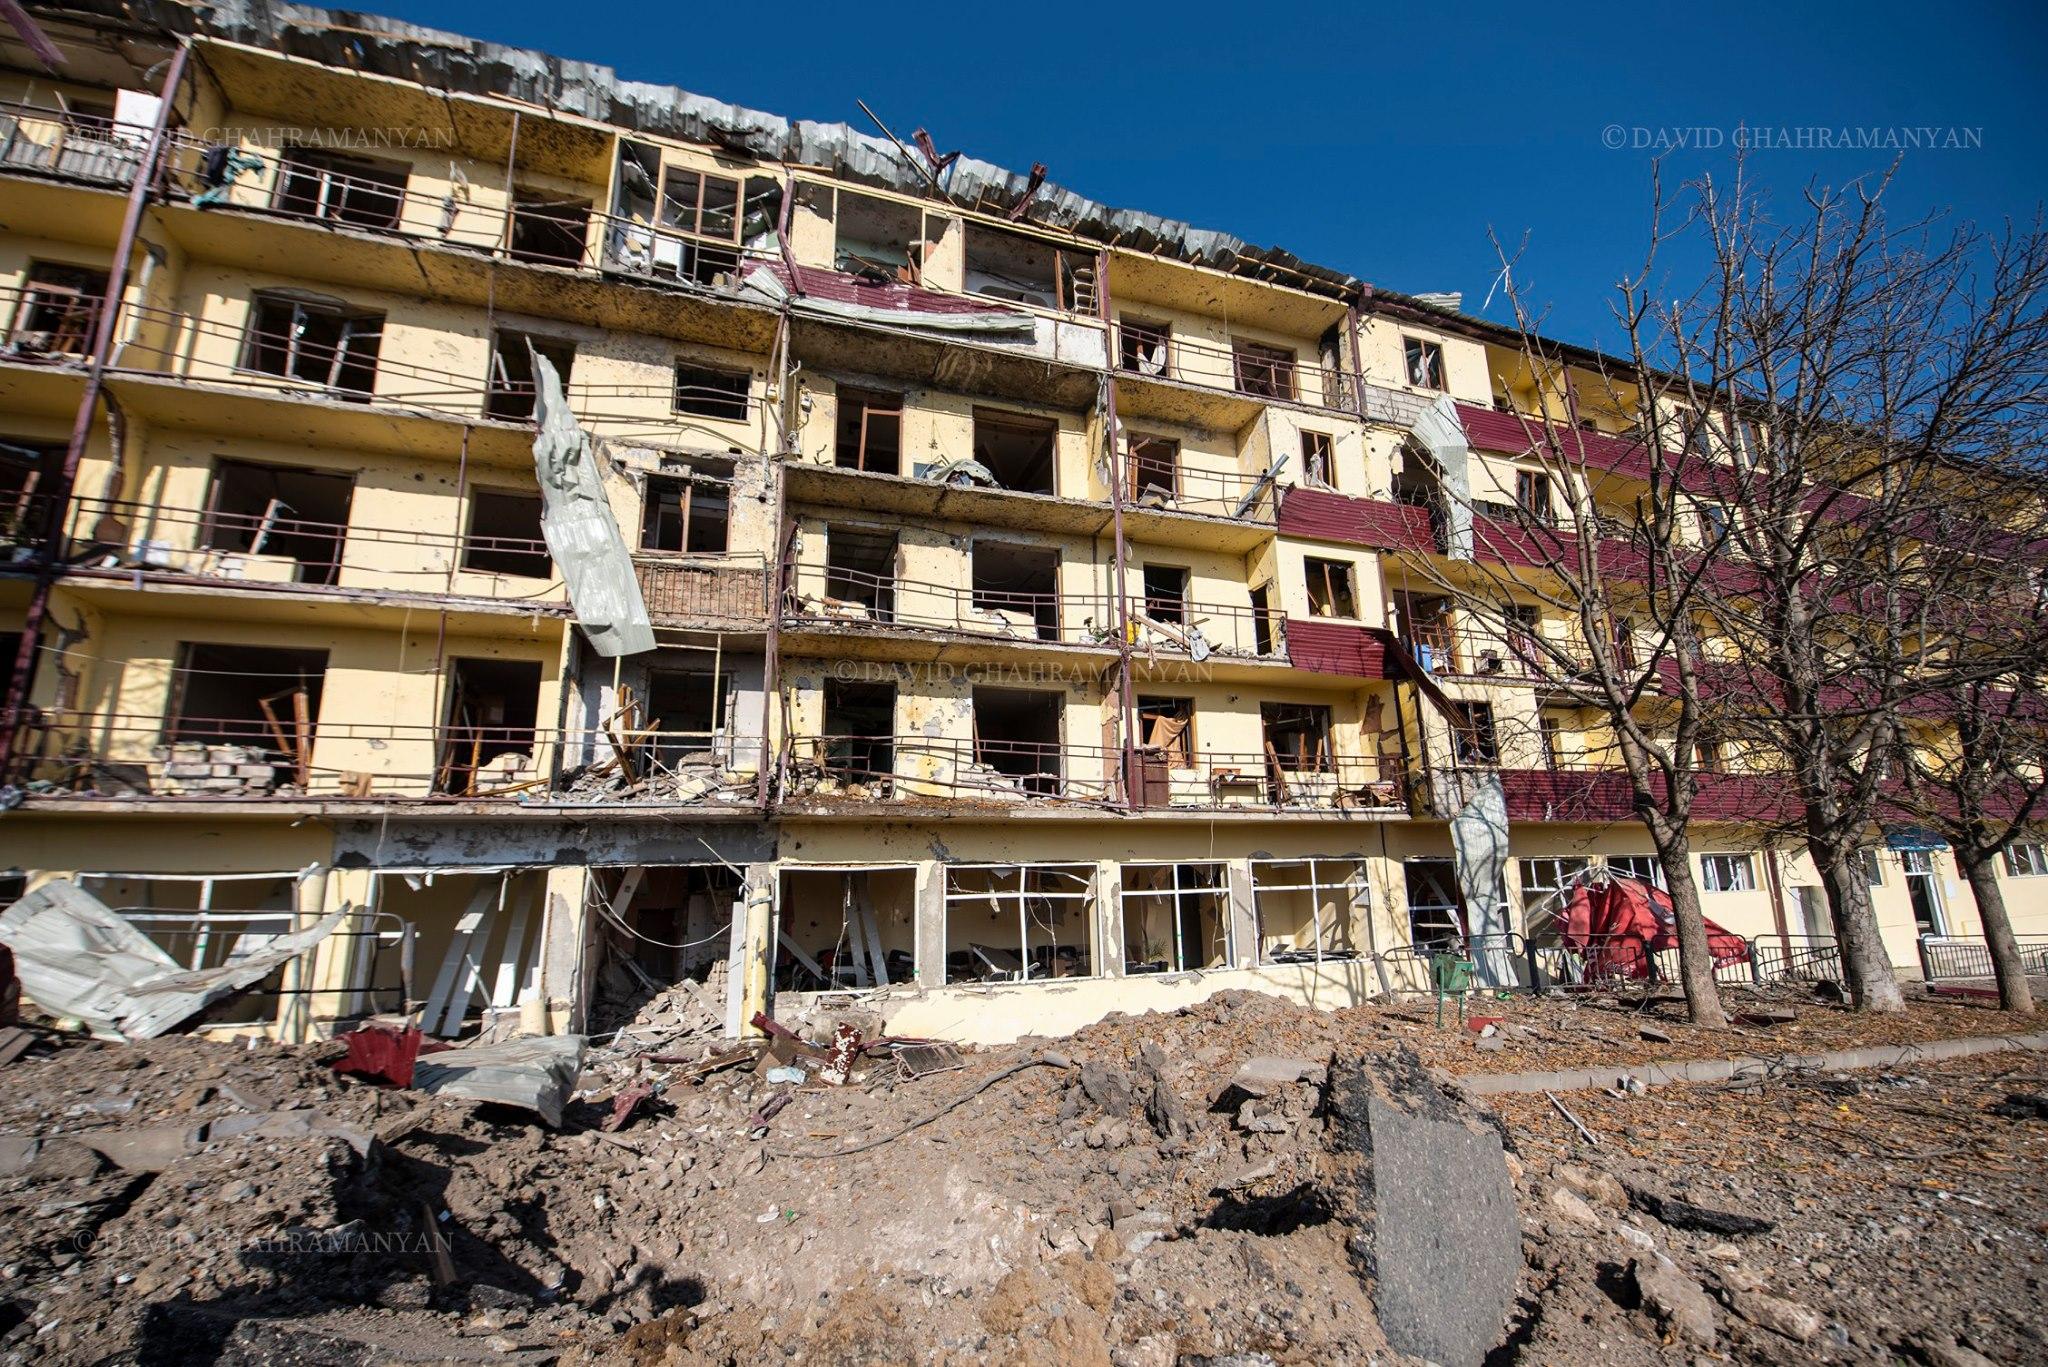 Photo of Ադրբեջանի հրթիռակոծության հետեւանքով կան քաղաքացիական վիրավորներ